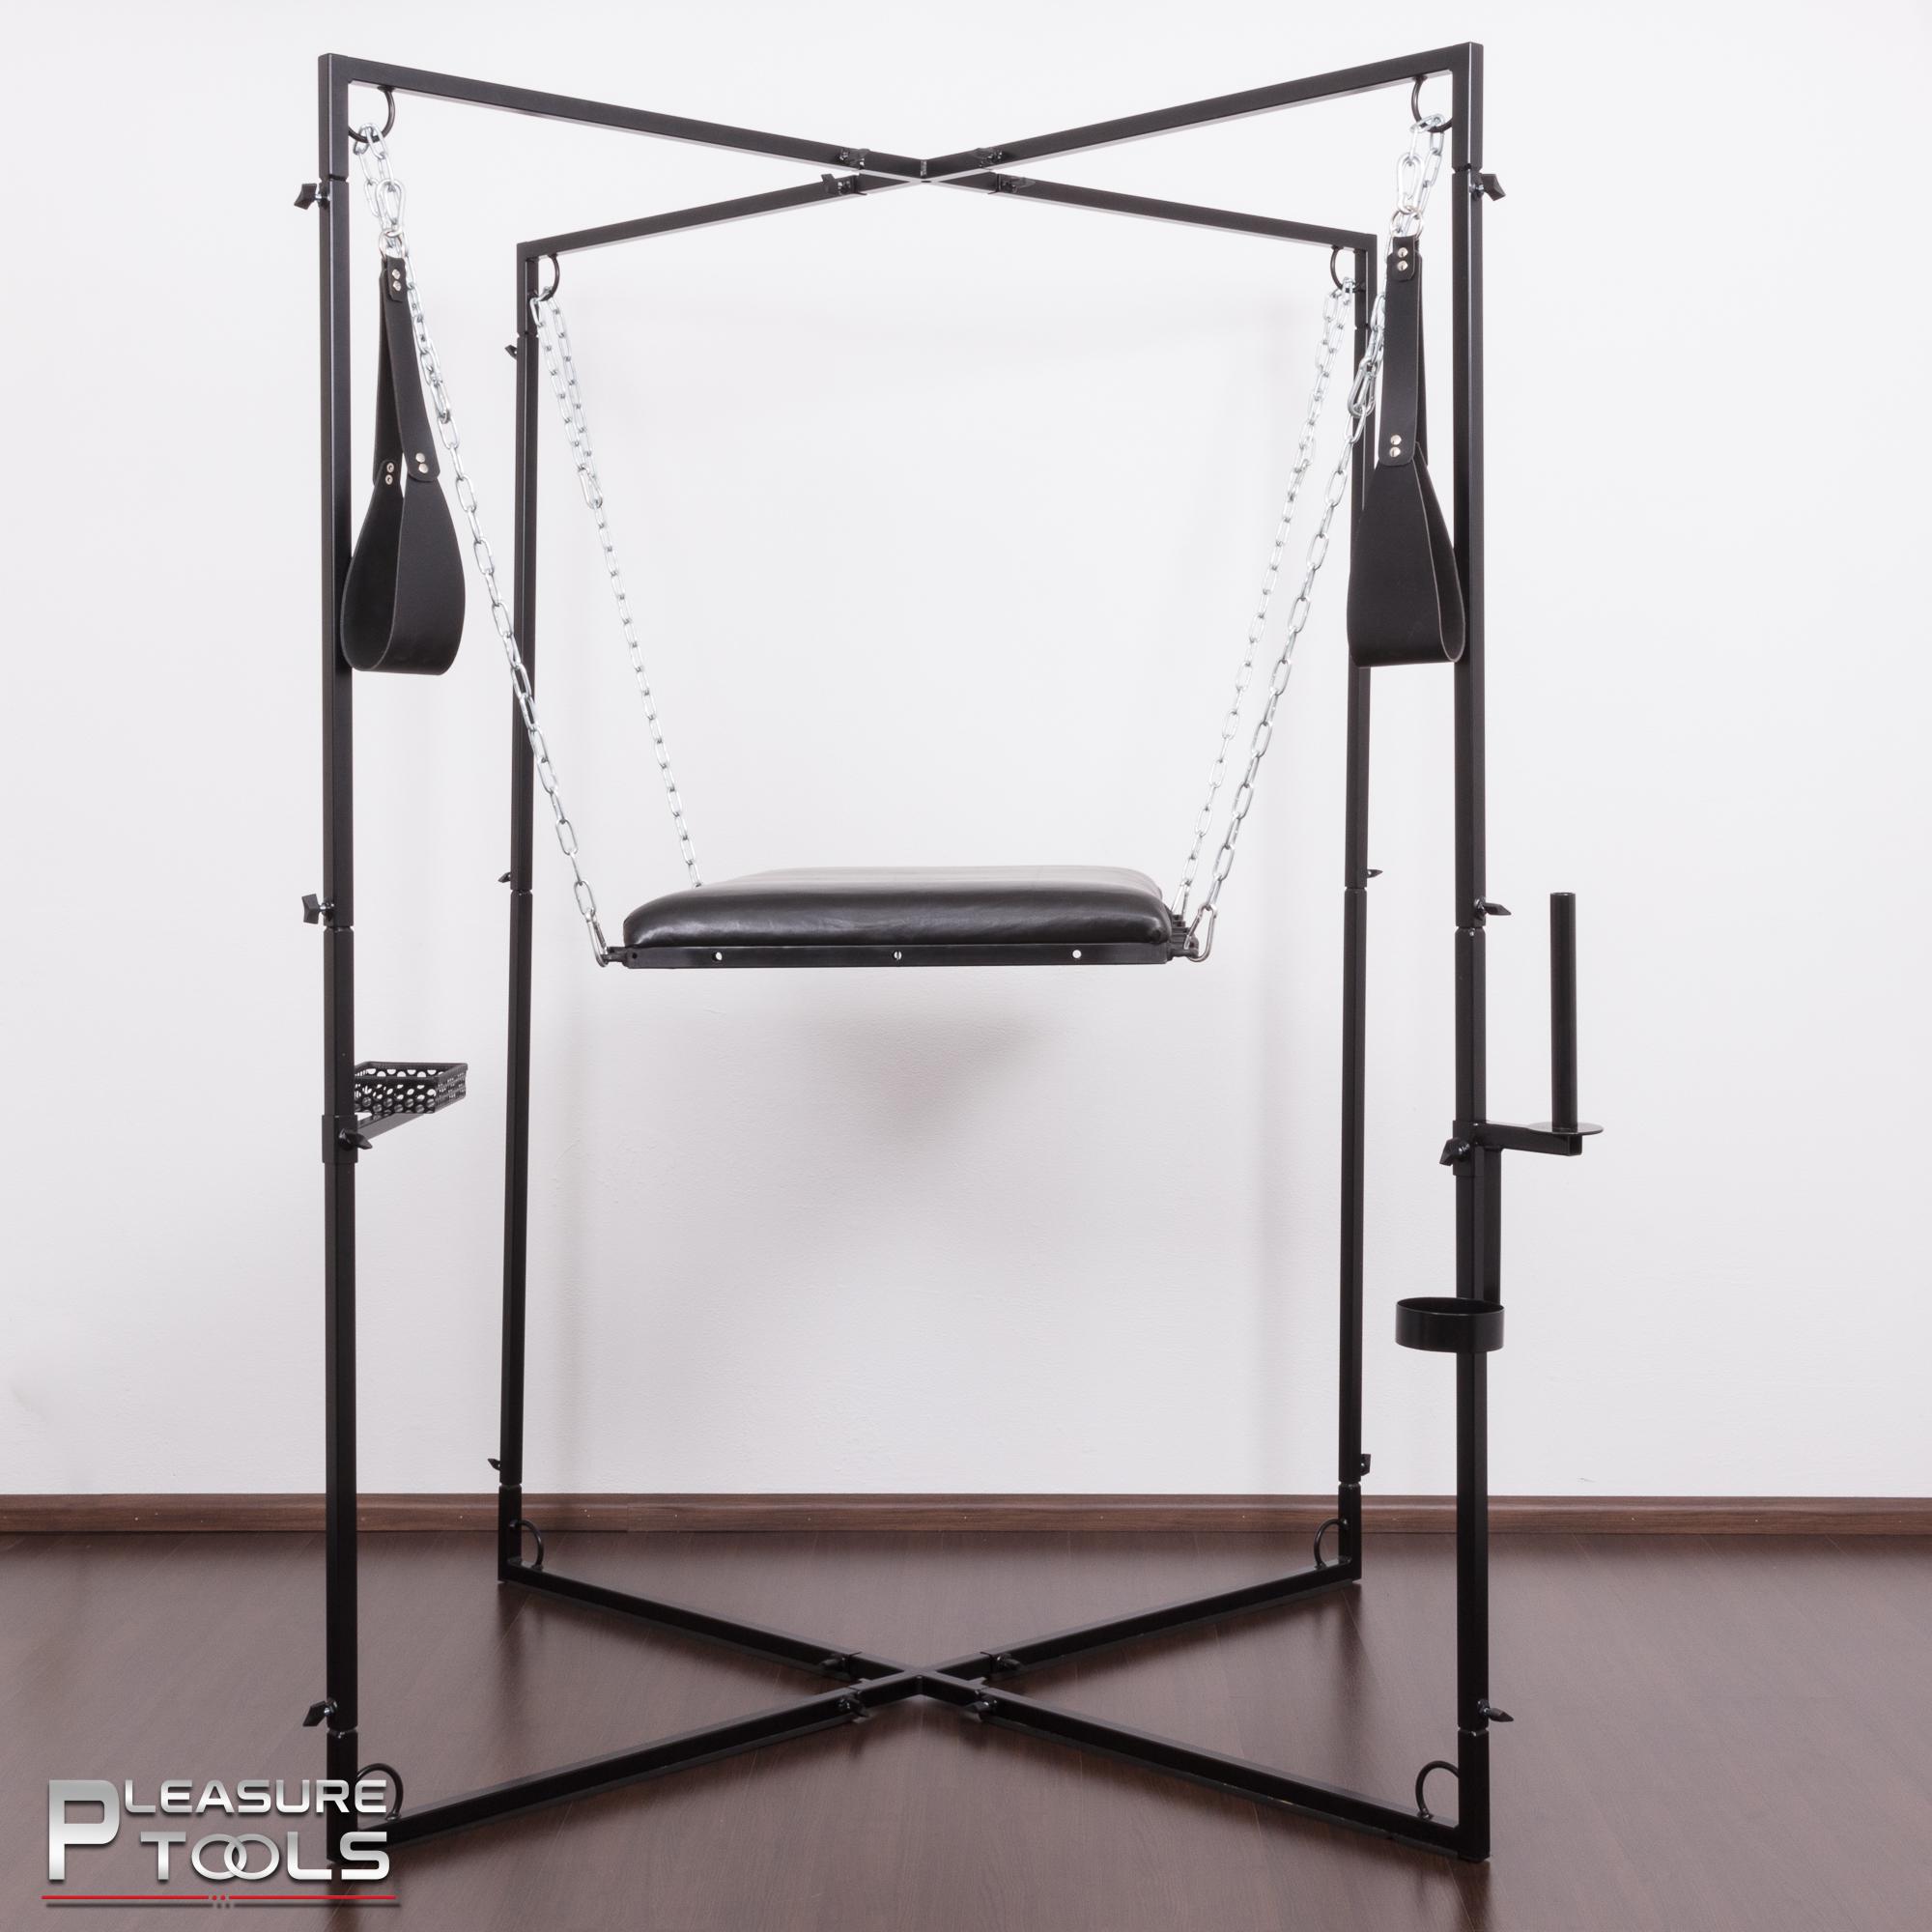 Pleasure Tools bondagetafel met beenlussen